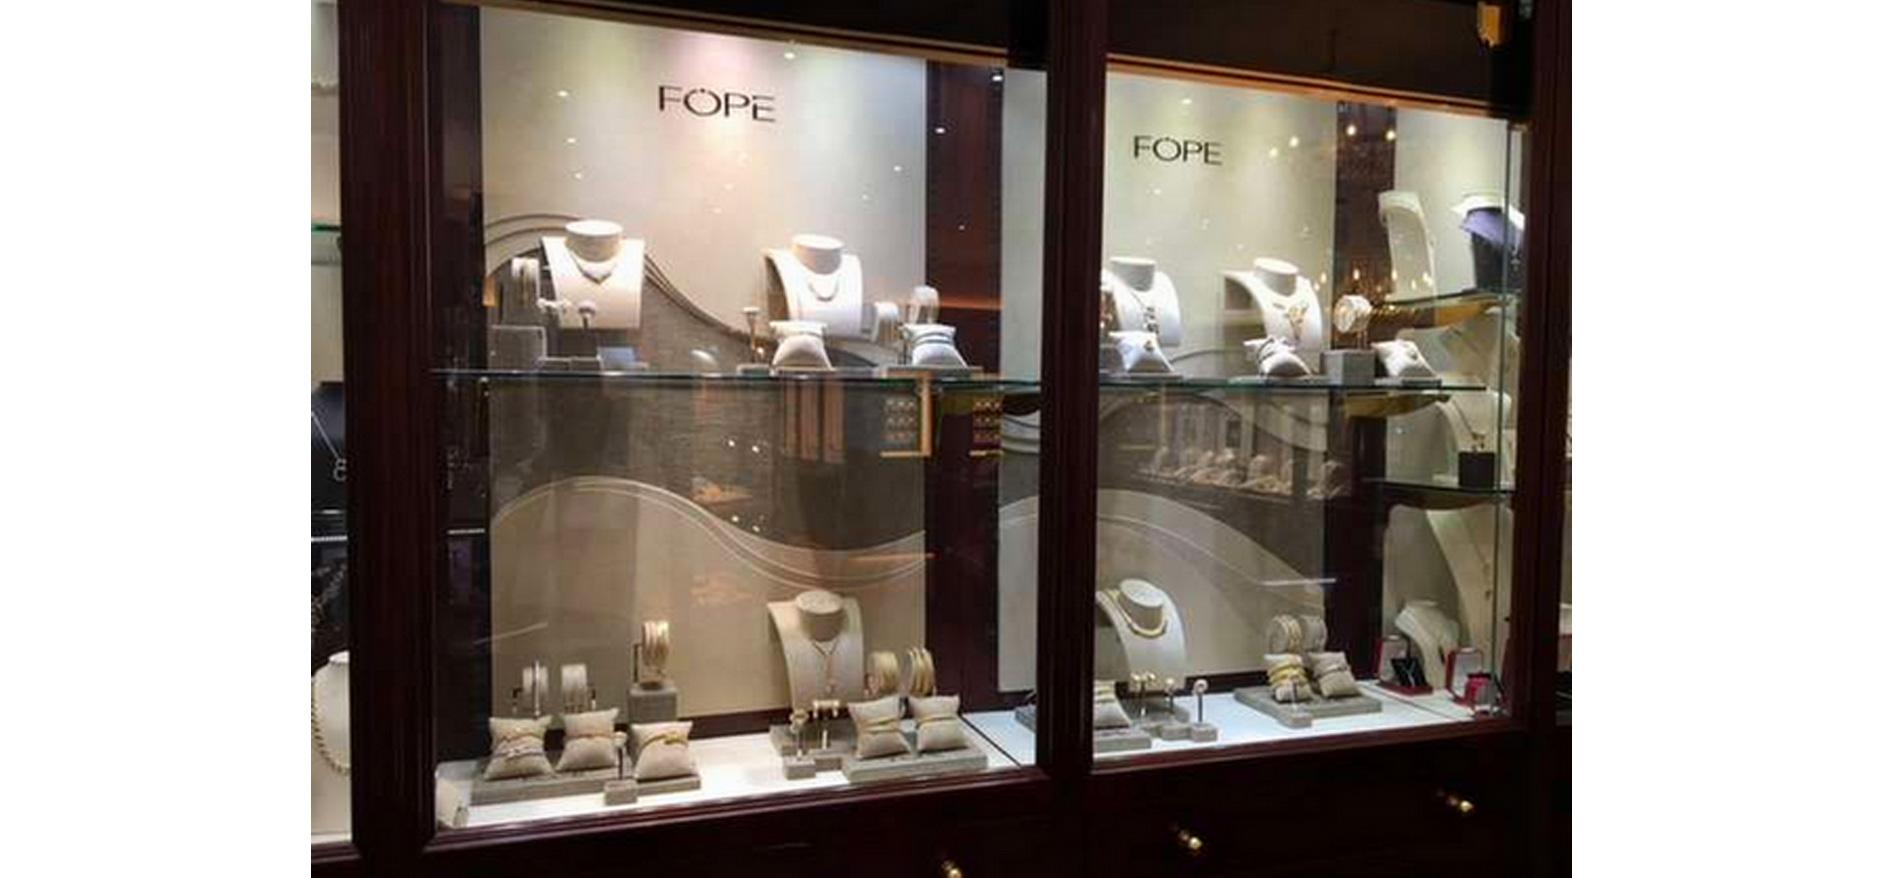 FOPE store displays